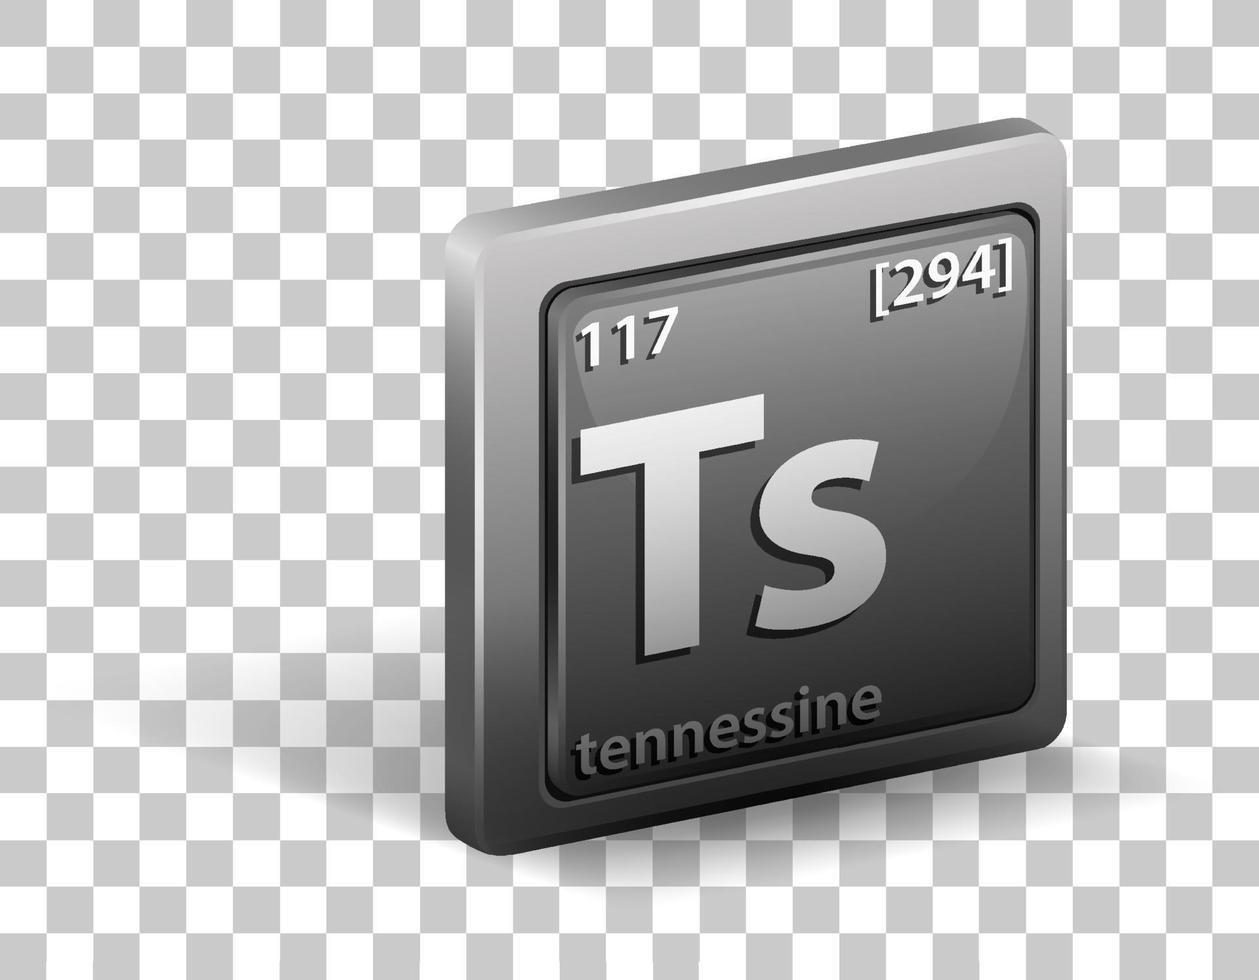 símbolo químico del elemento químico tennessine con número atómico y masa atómica vector